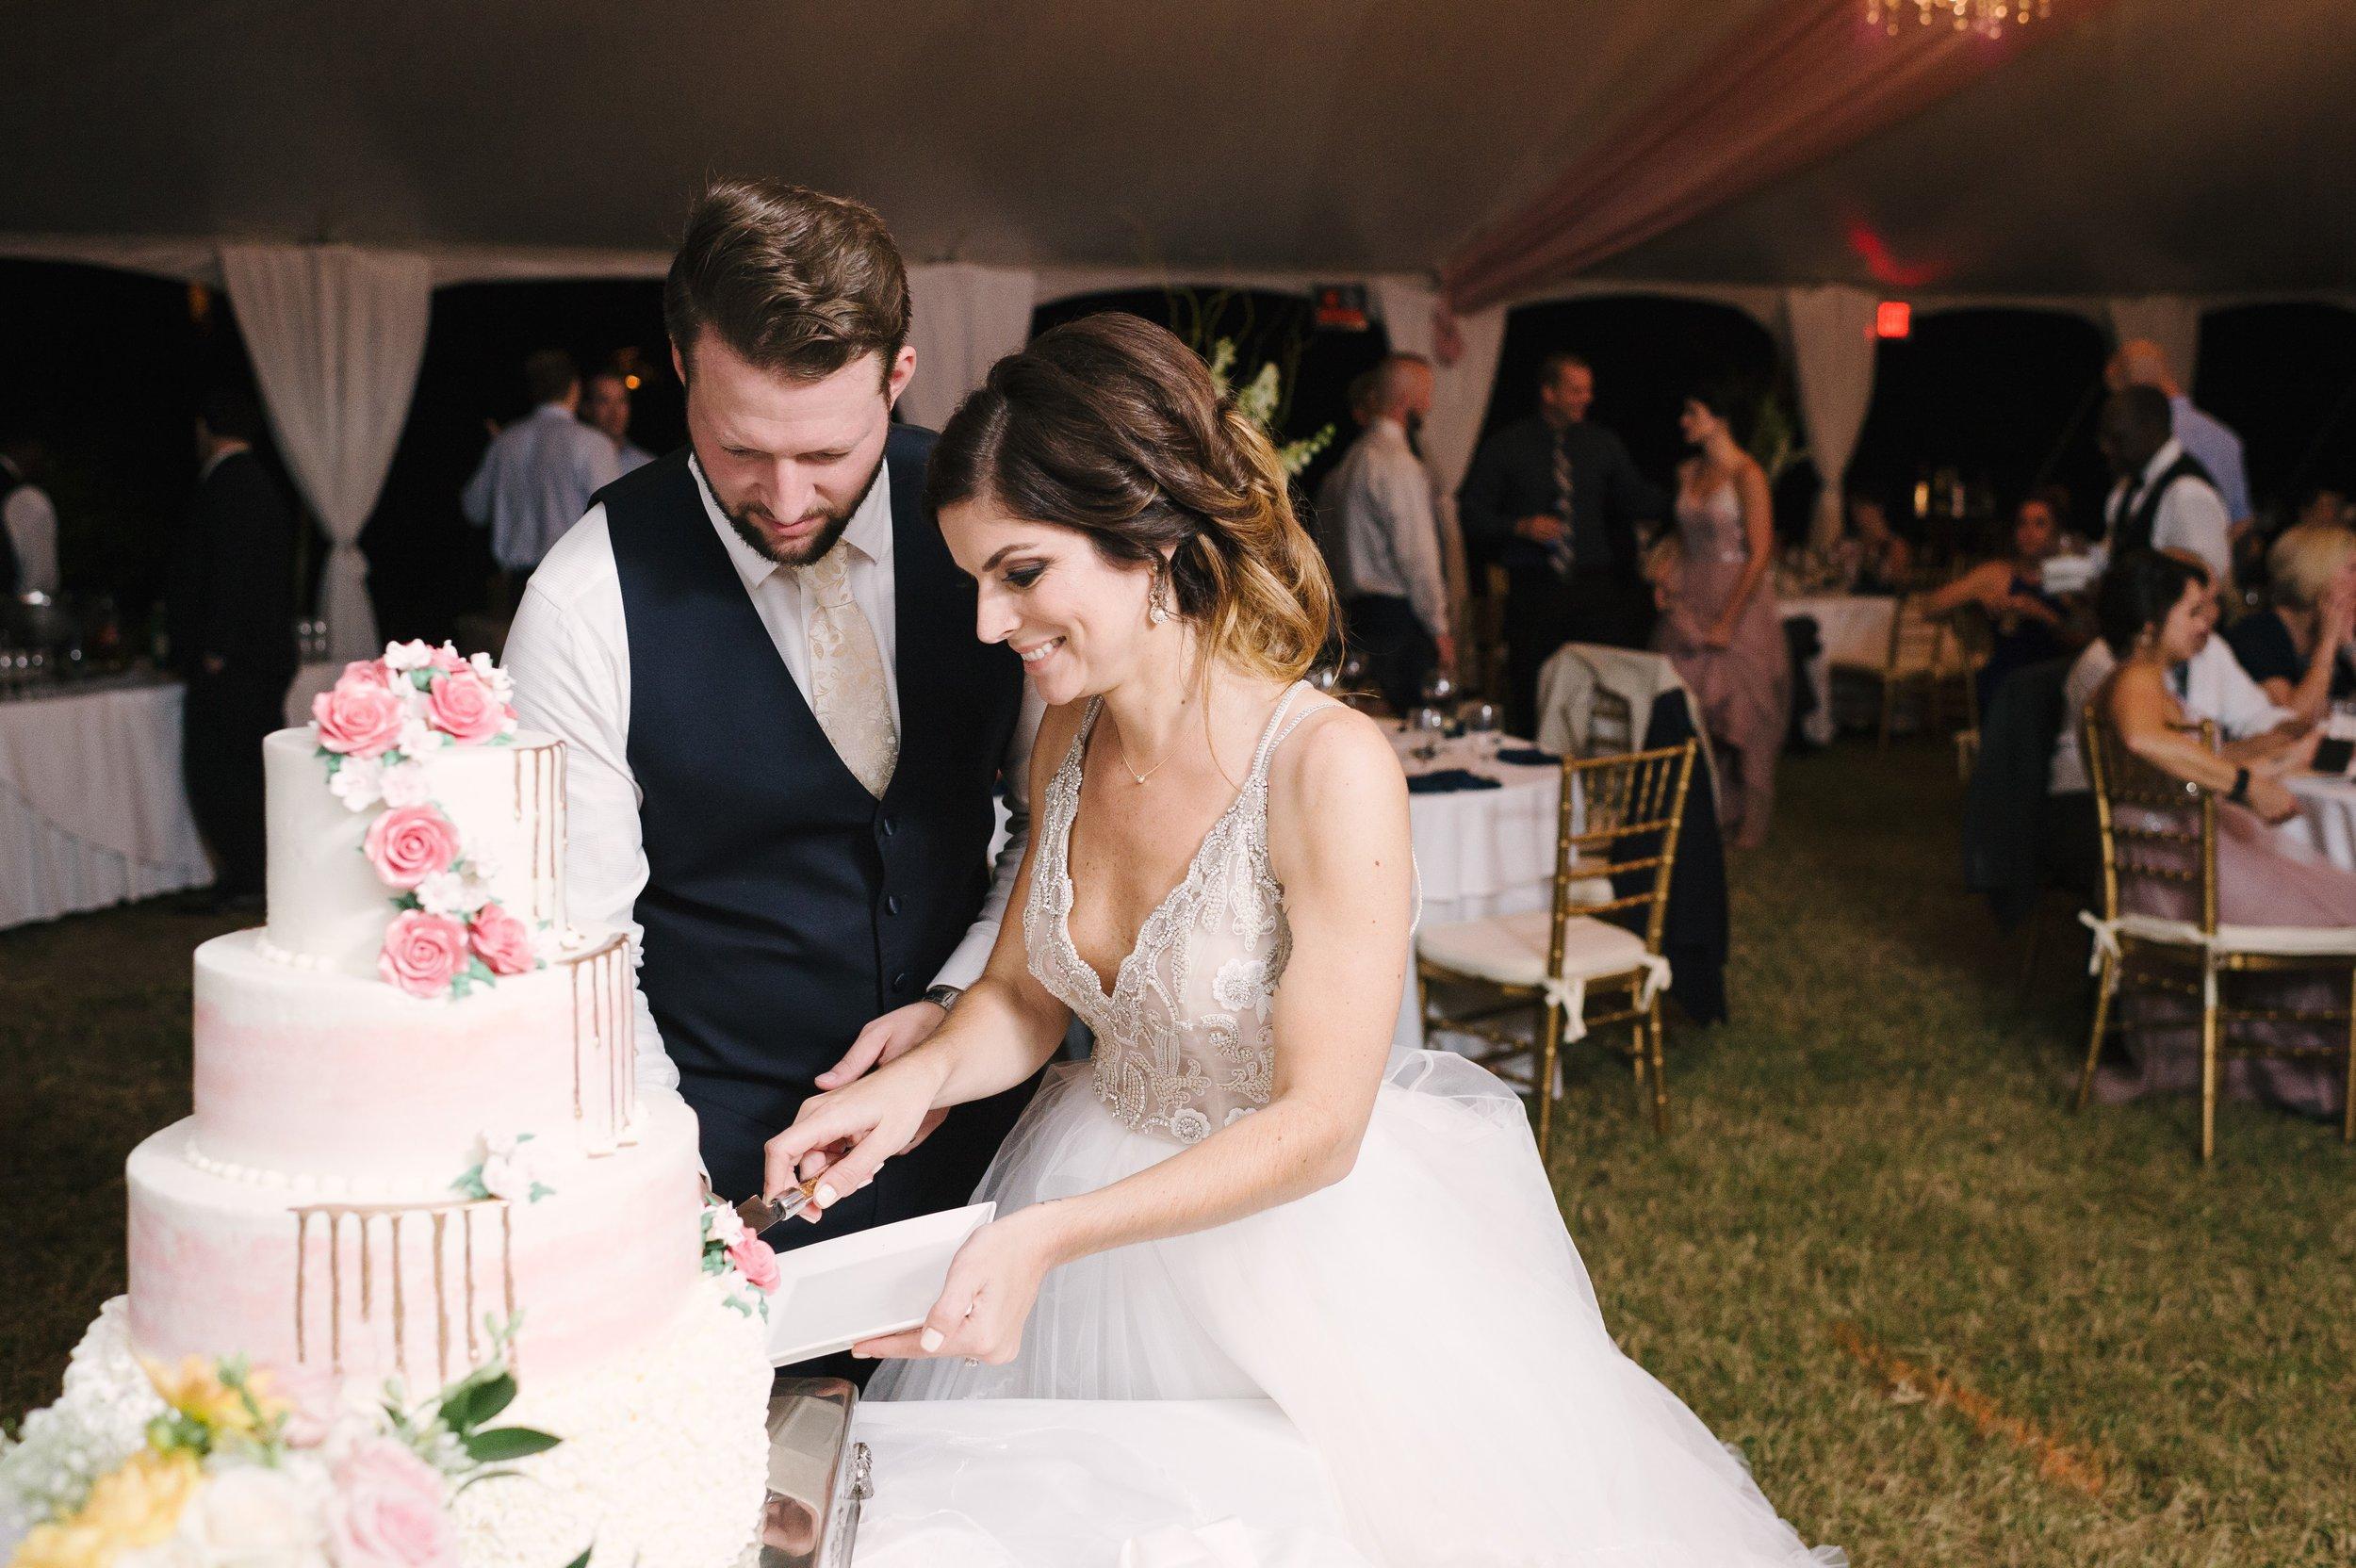 Shannah and Cody cutting cake.jpg